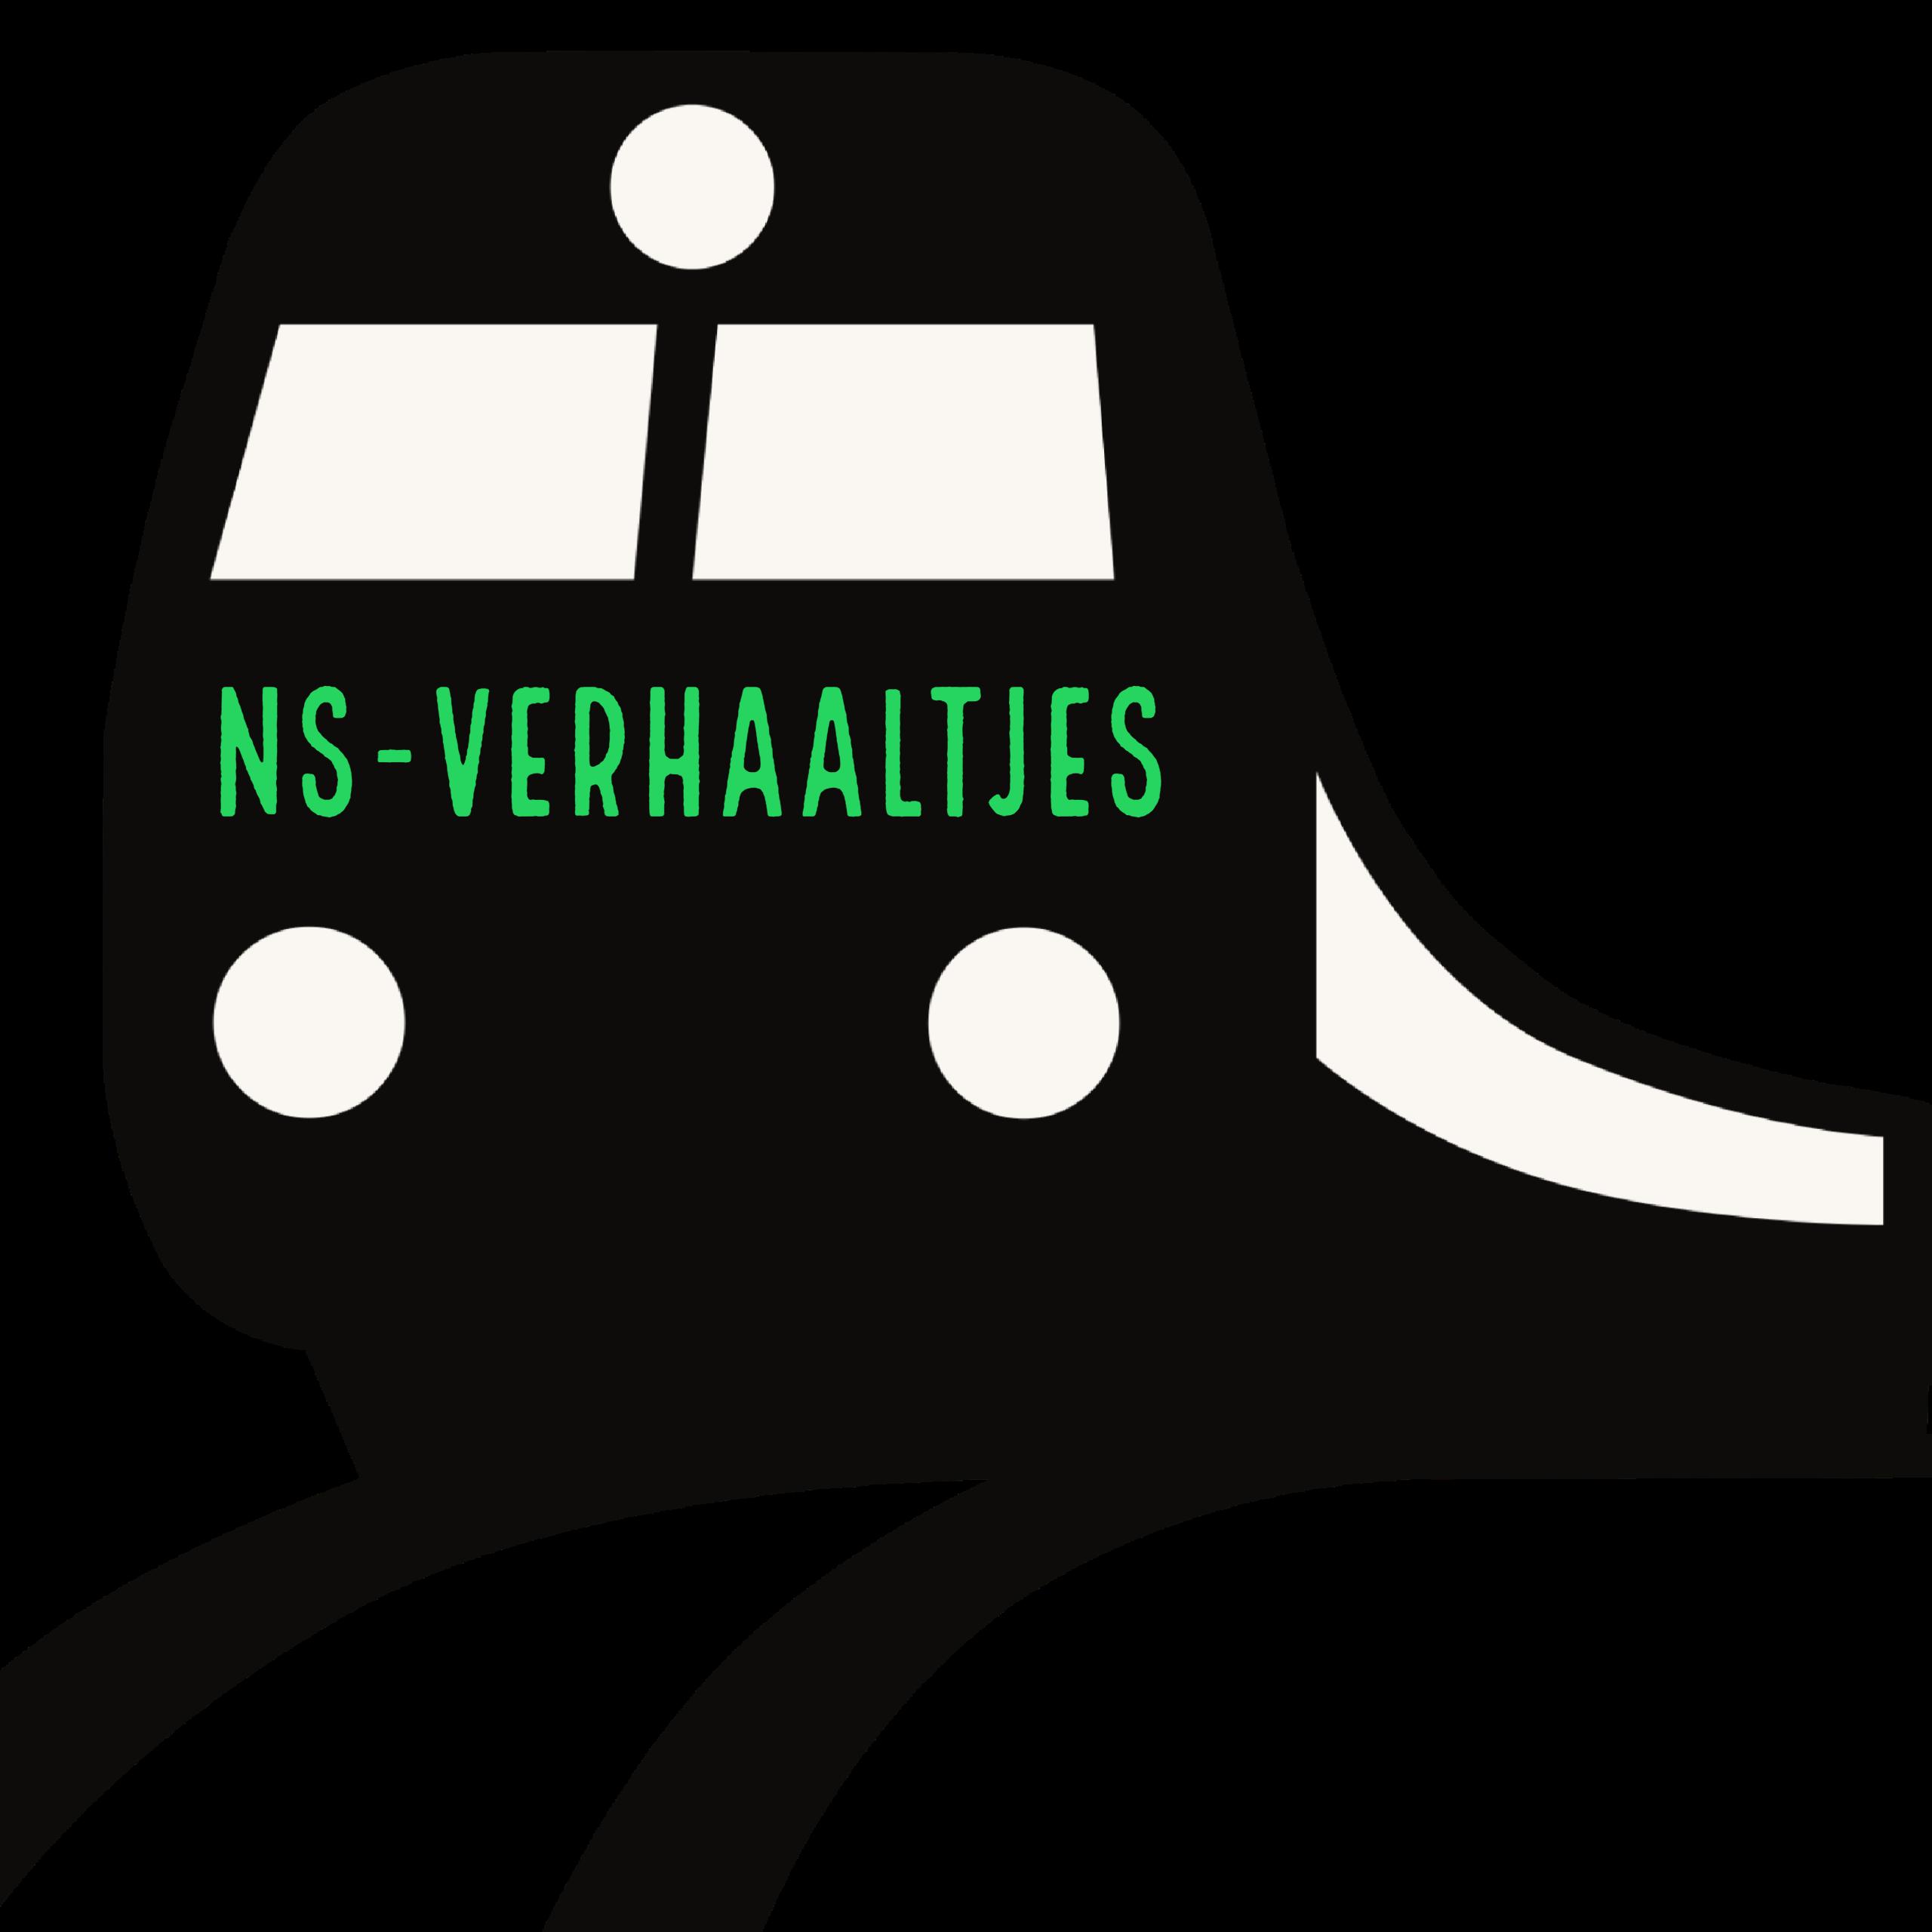 NS-VERHAALTJES